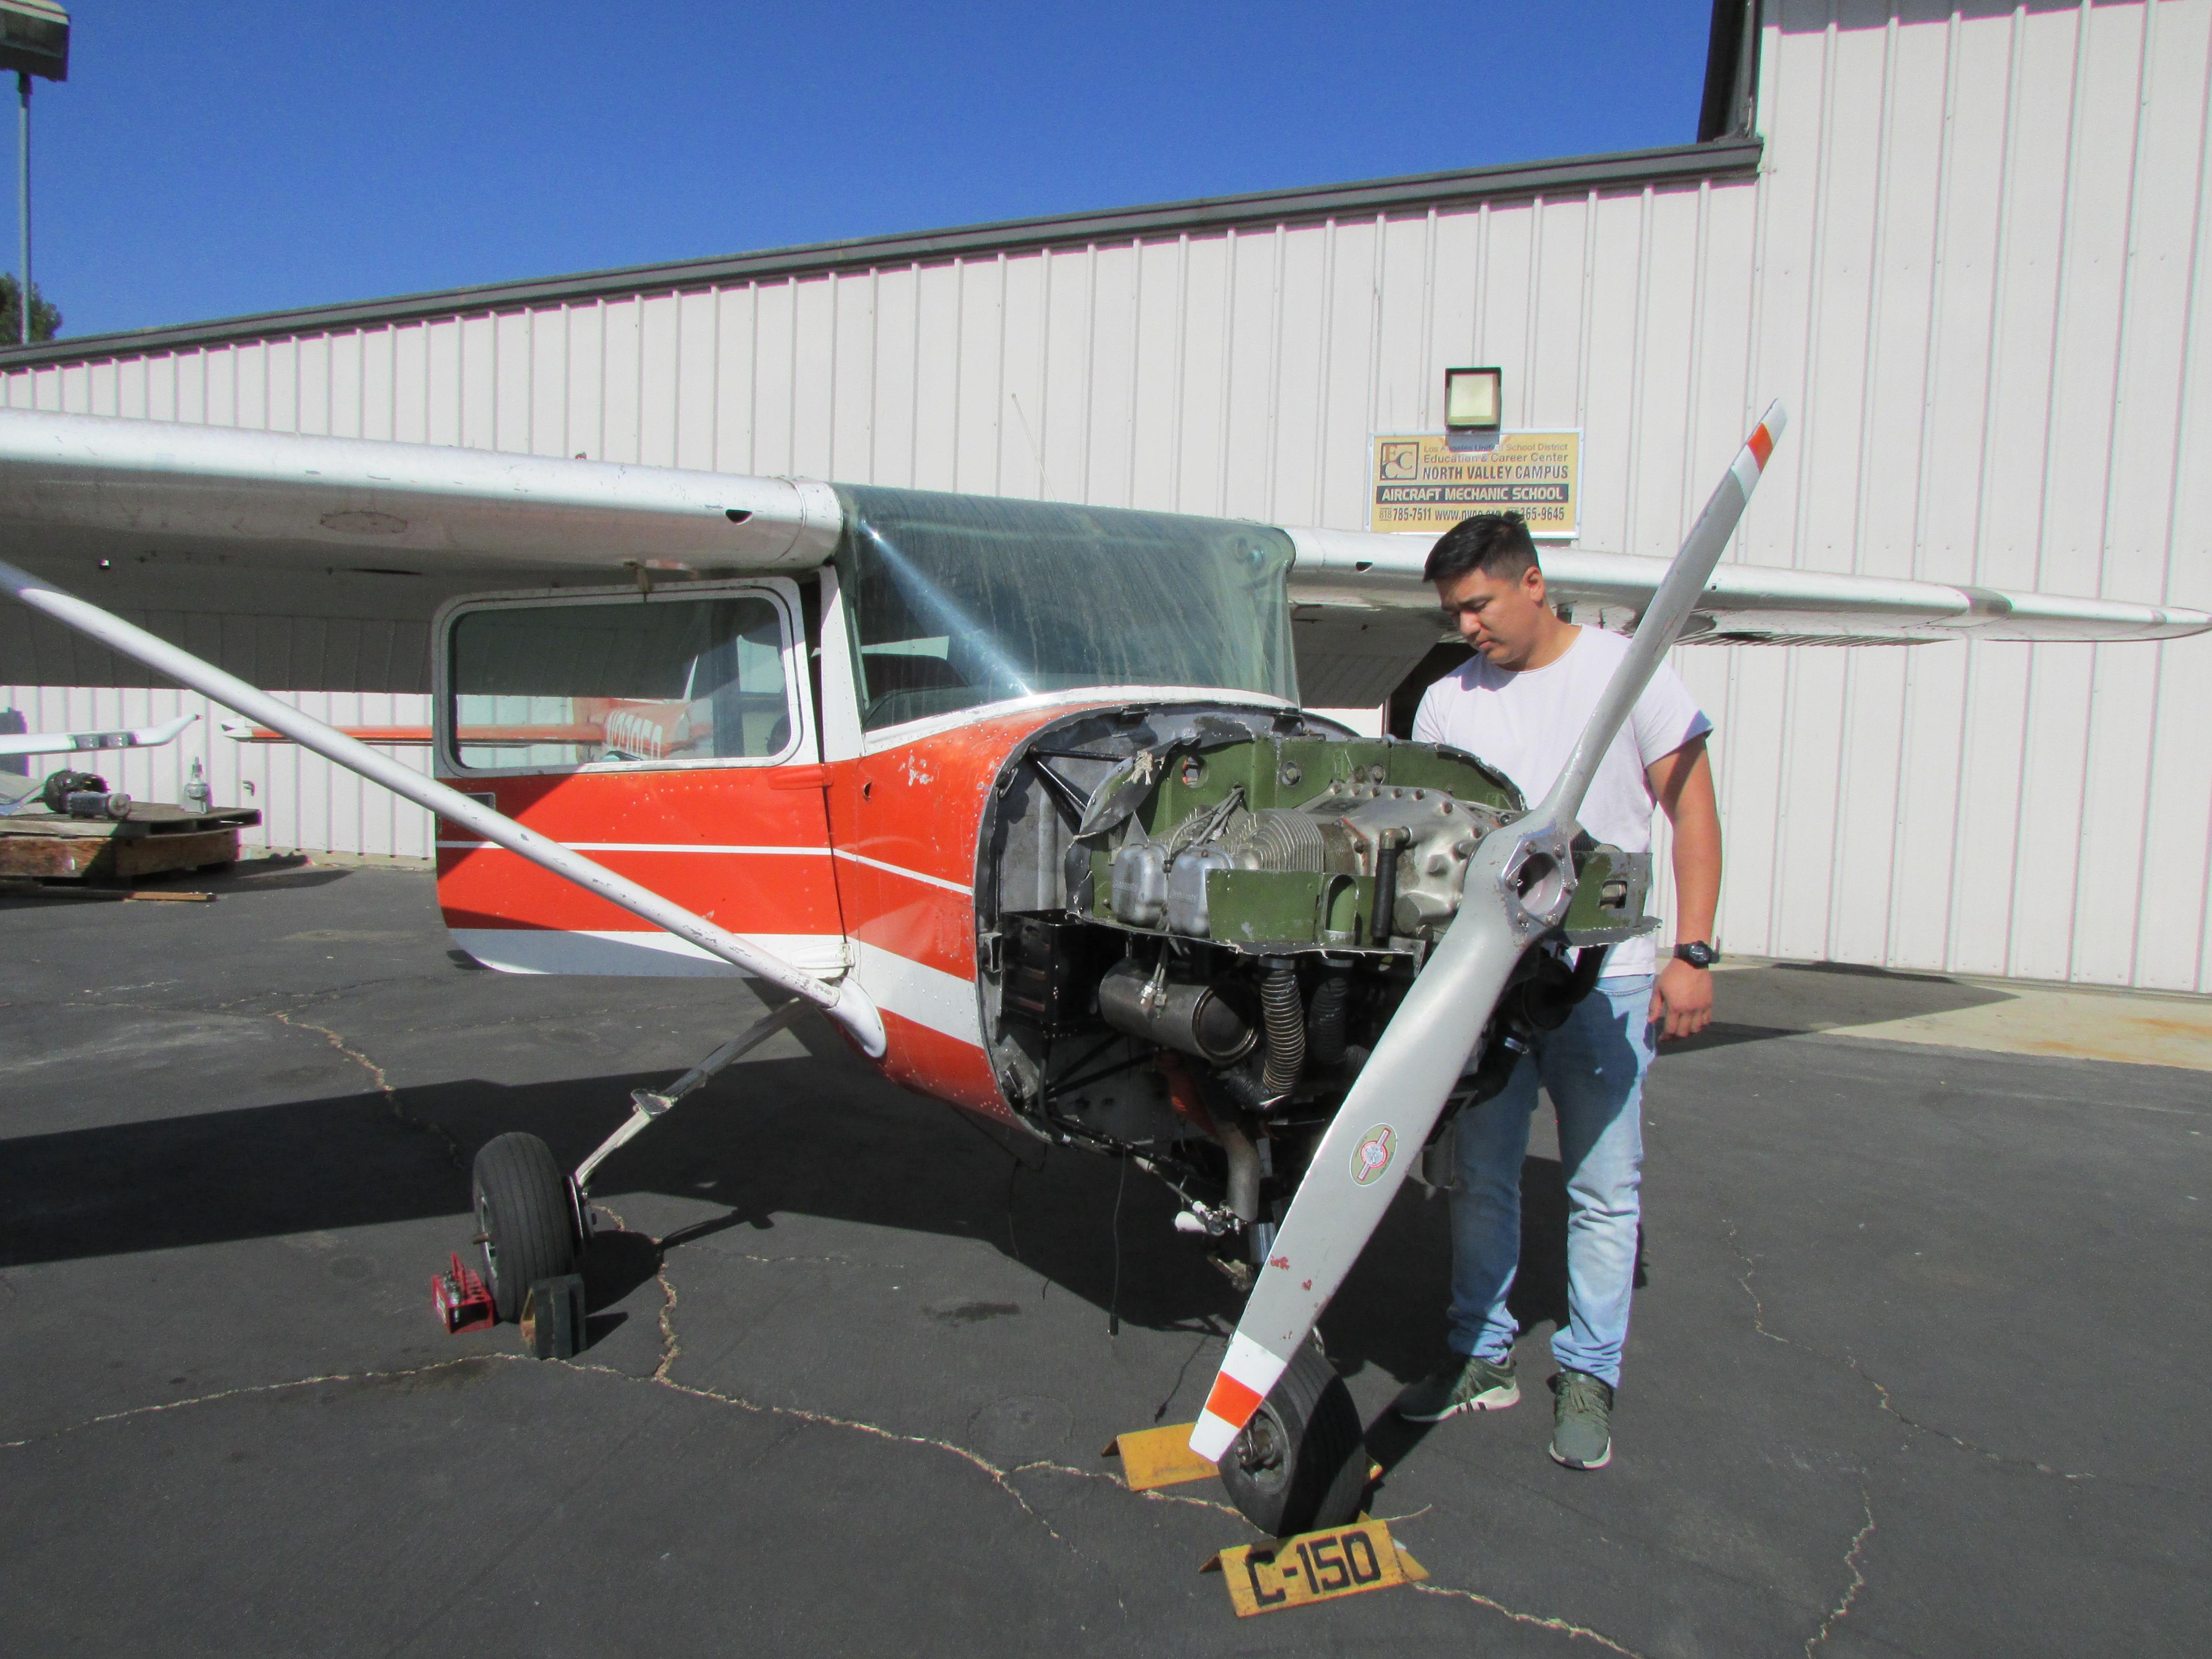 Edgardo Vásquez revisa bien uno de los aviones donde ha aprendido a ser mecánico de aviación. (Araceli Martínez/La Opinión).